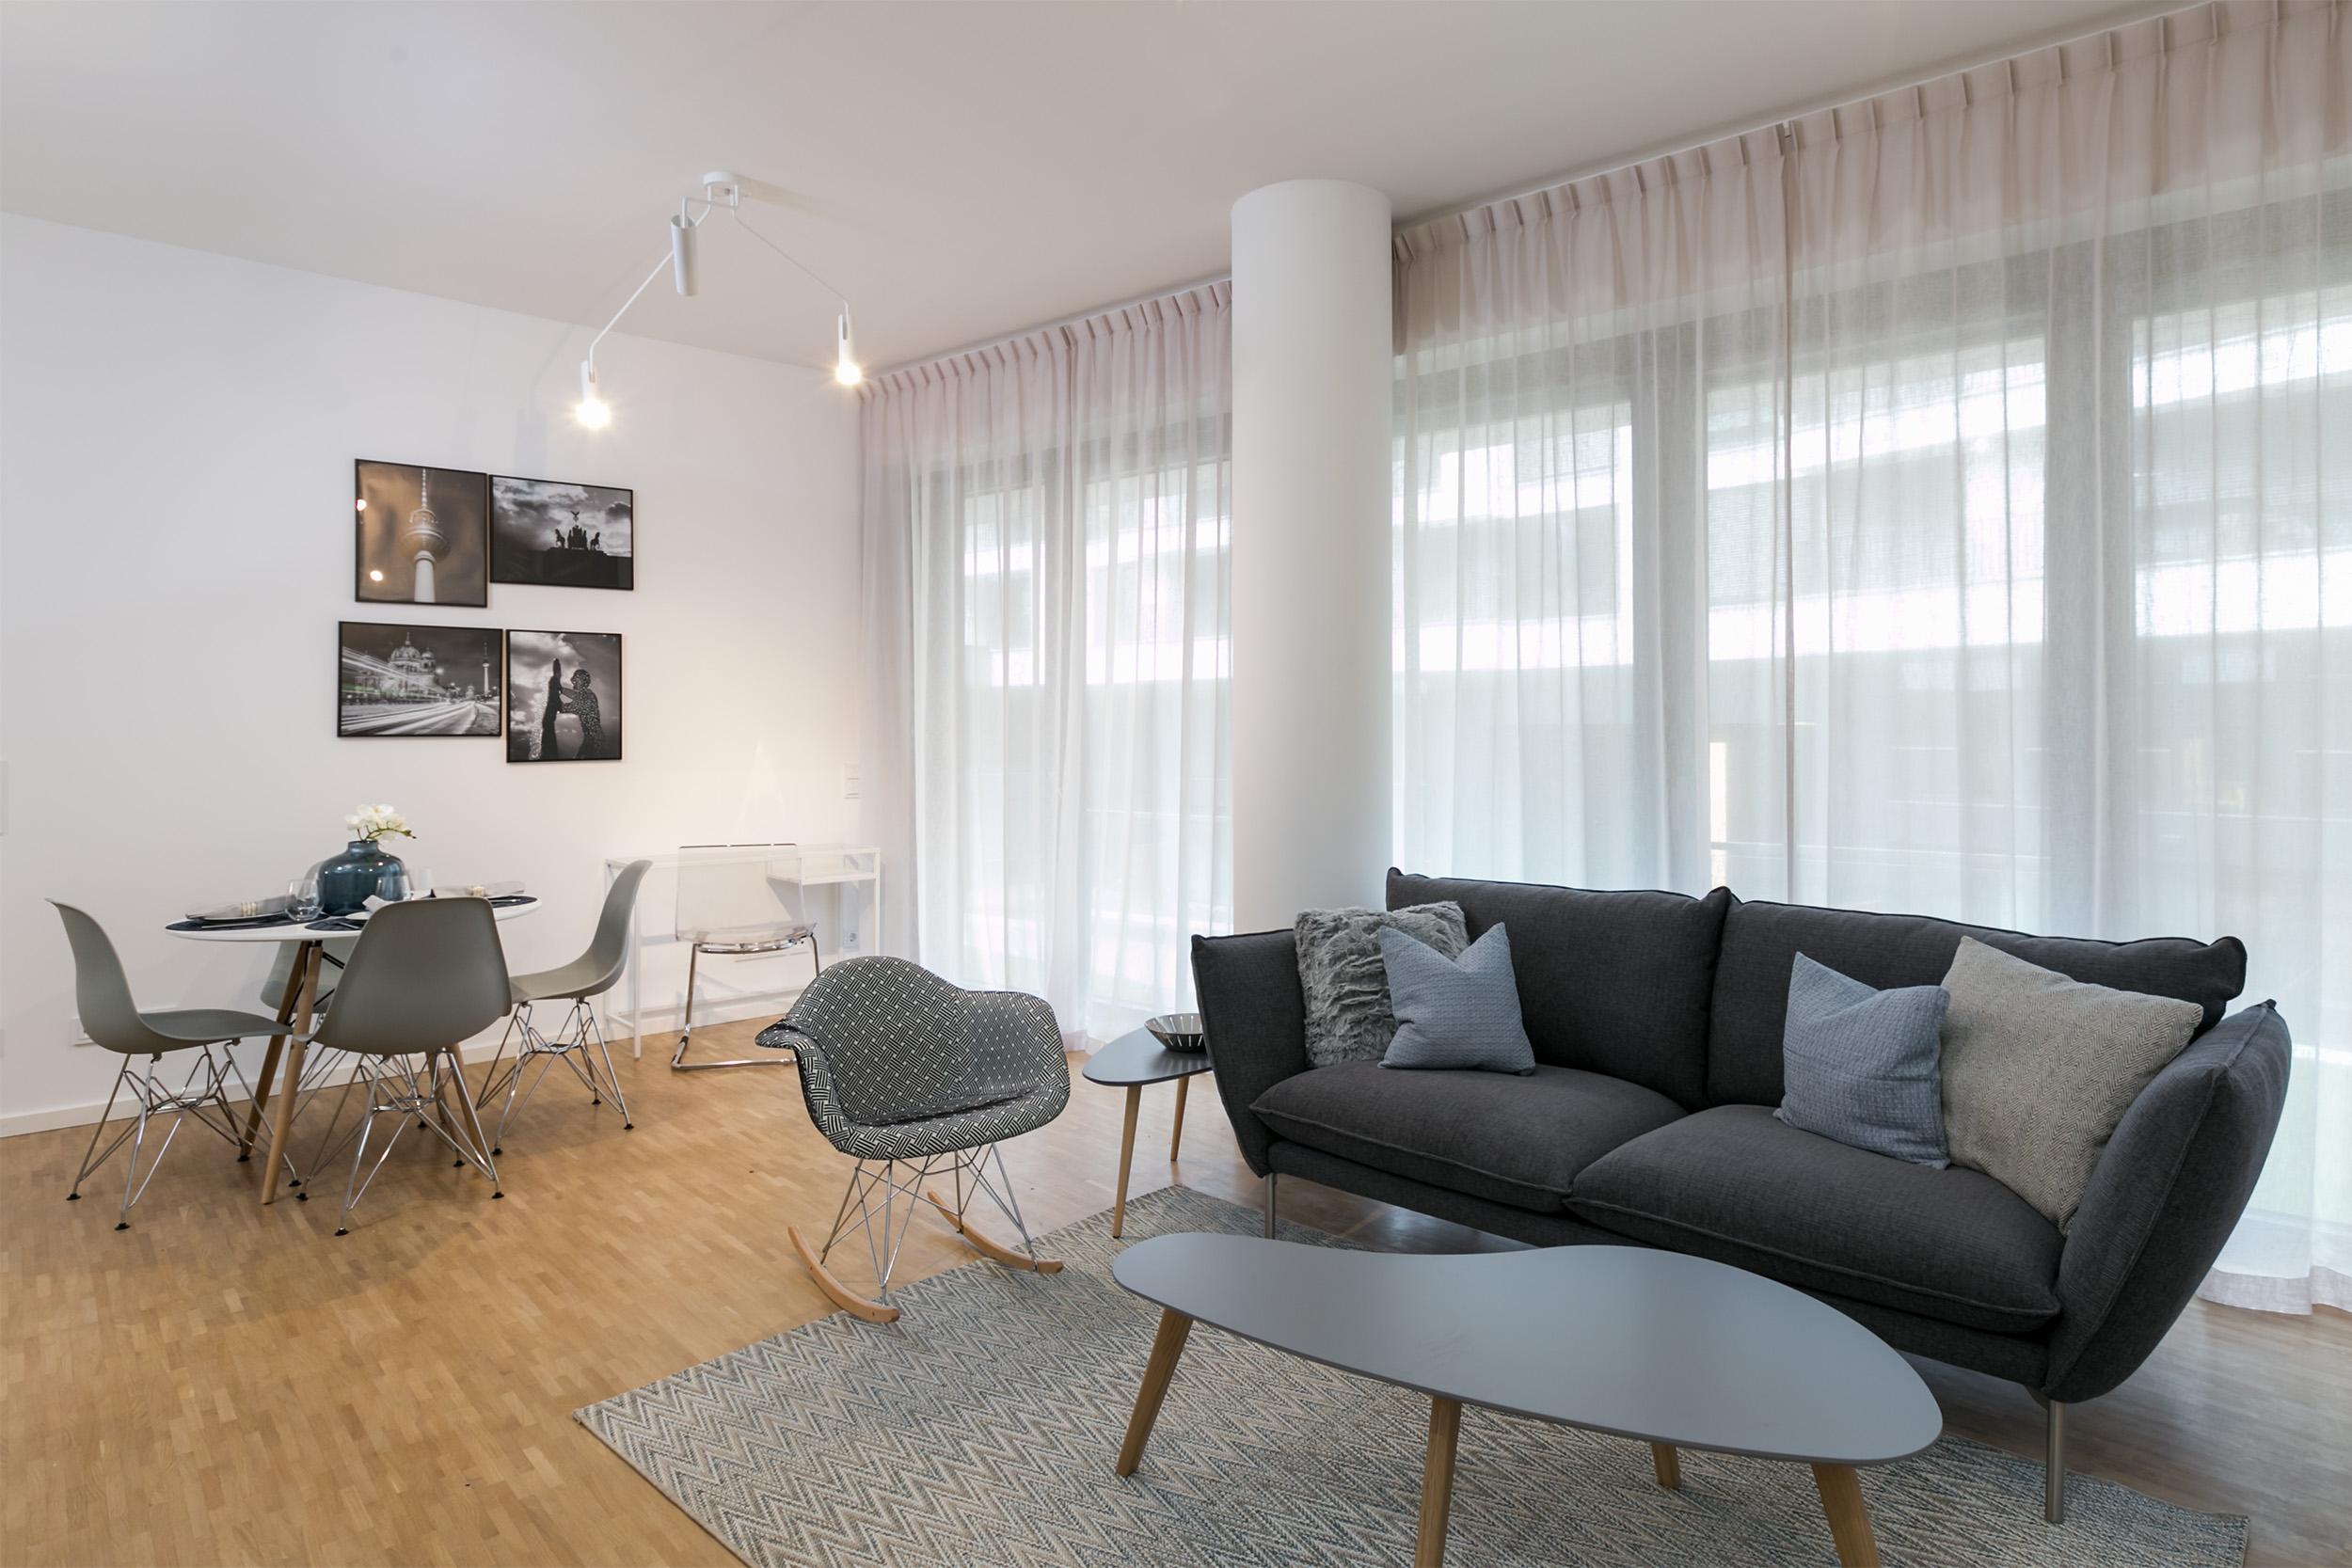 re-vamp+möbliertes+Mikropapartment+WE+217+Wohnzimmer.jpg